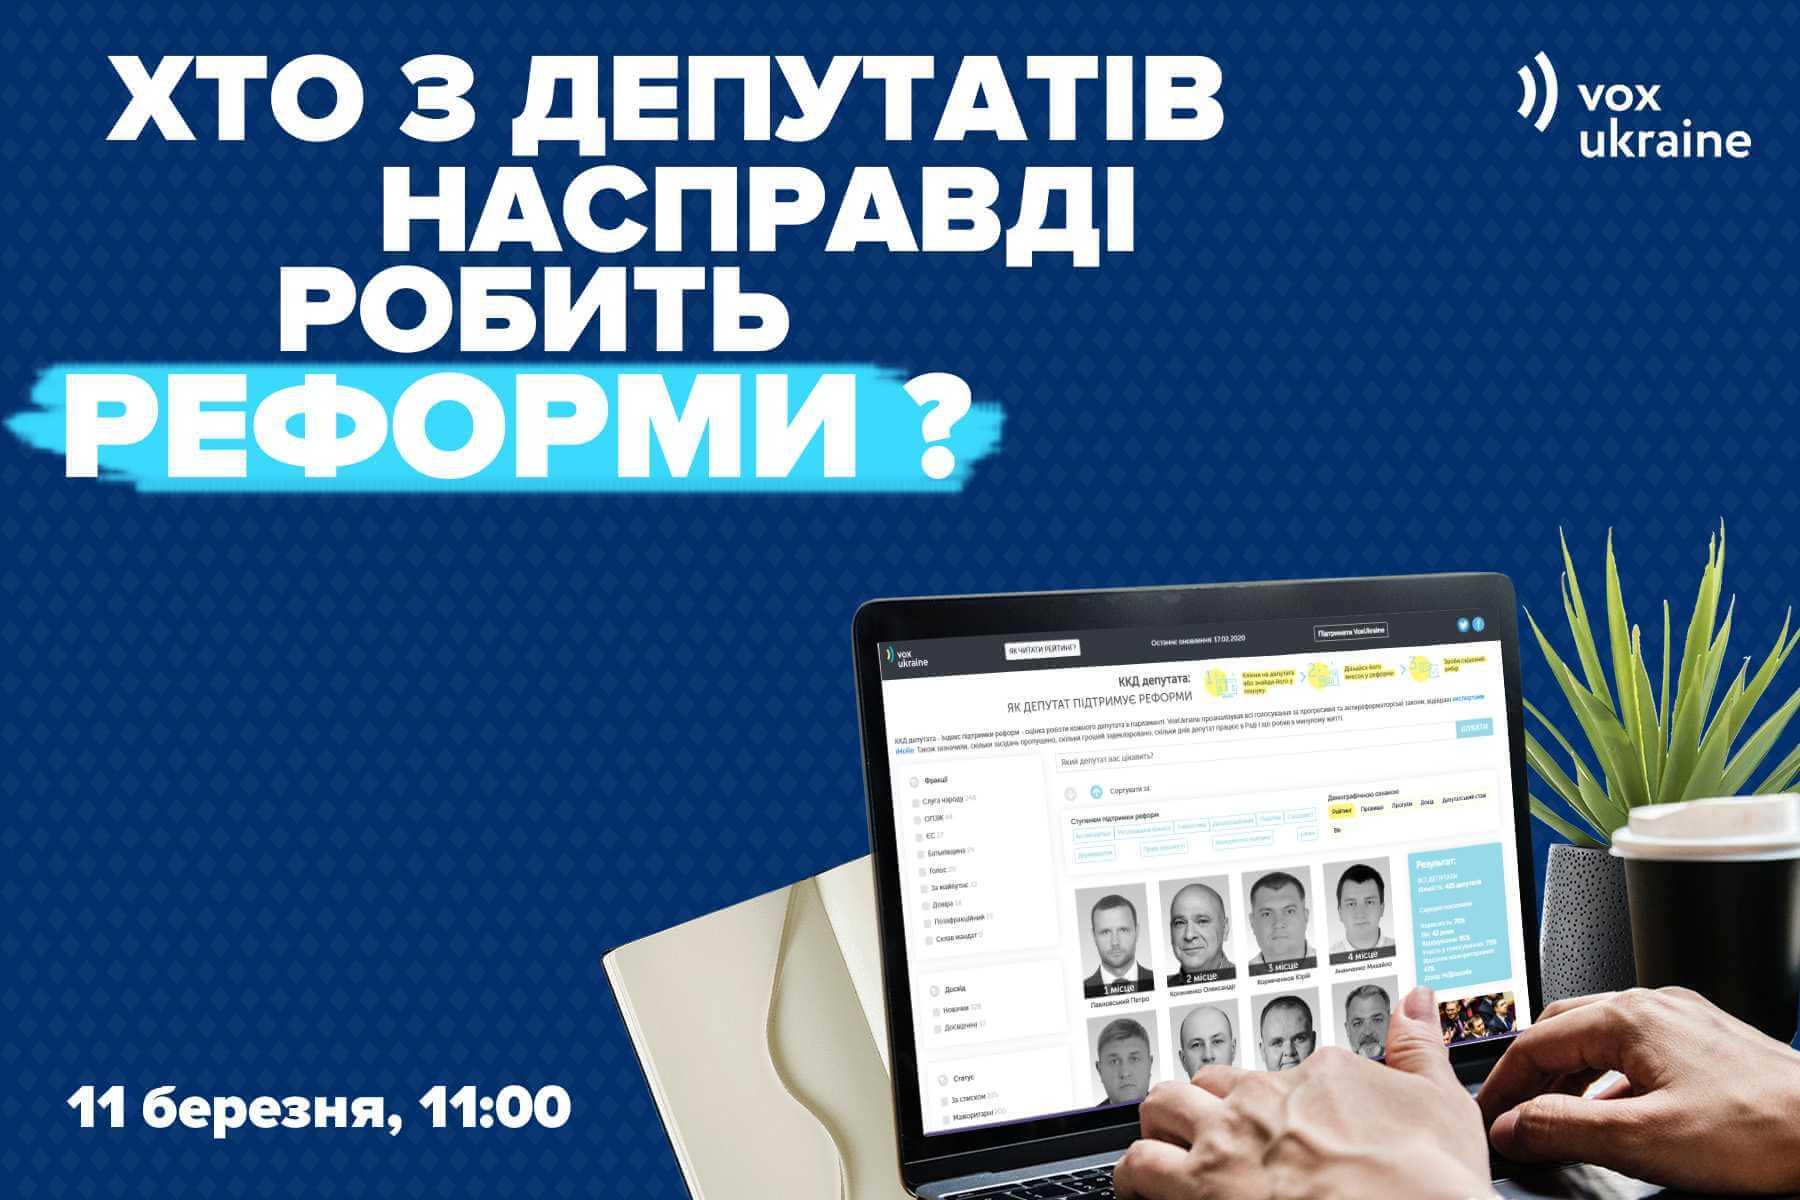 Зустріч-воркшоп «Хто з депутатів насправді робить реформи?»